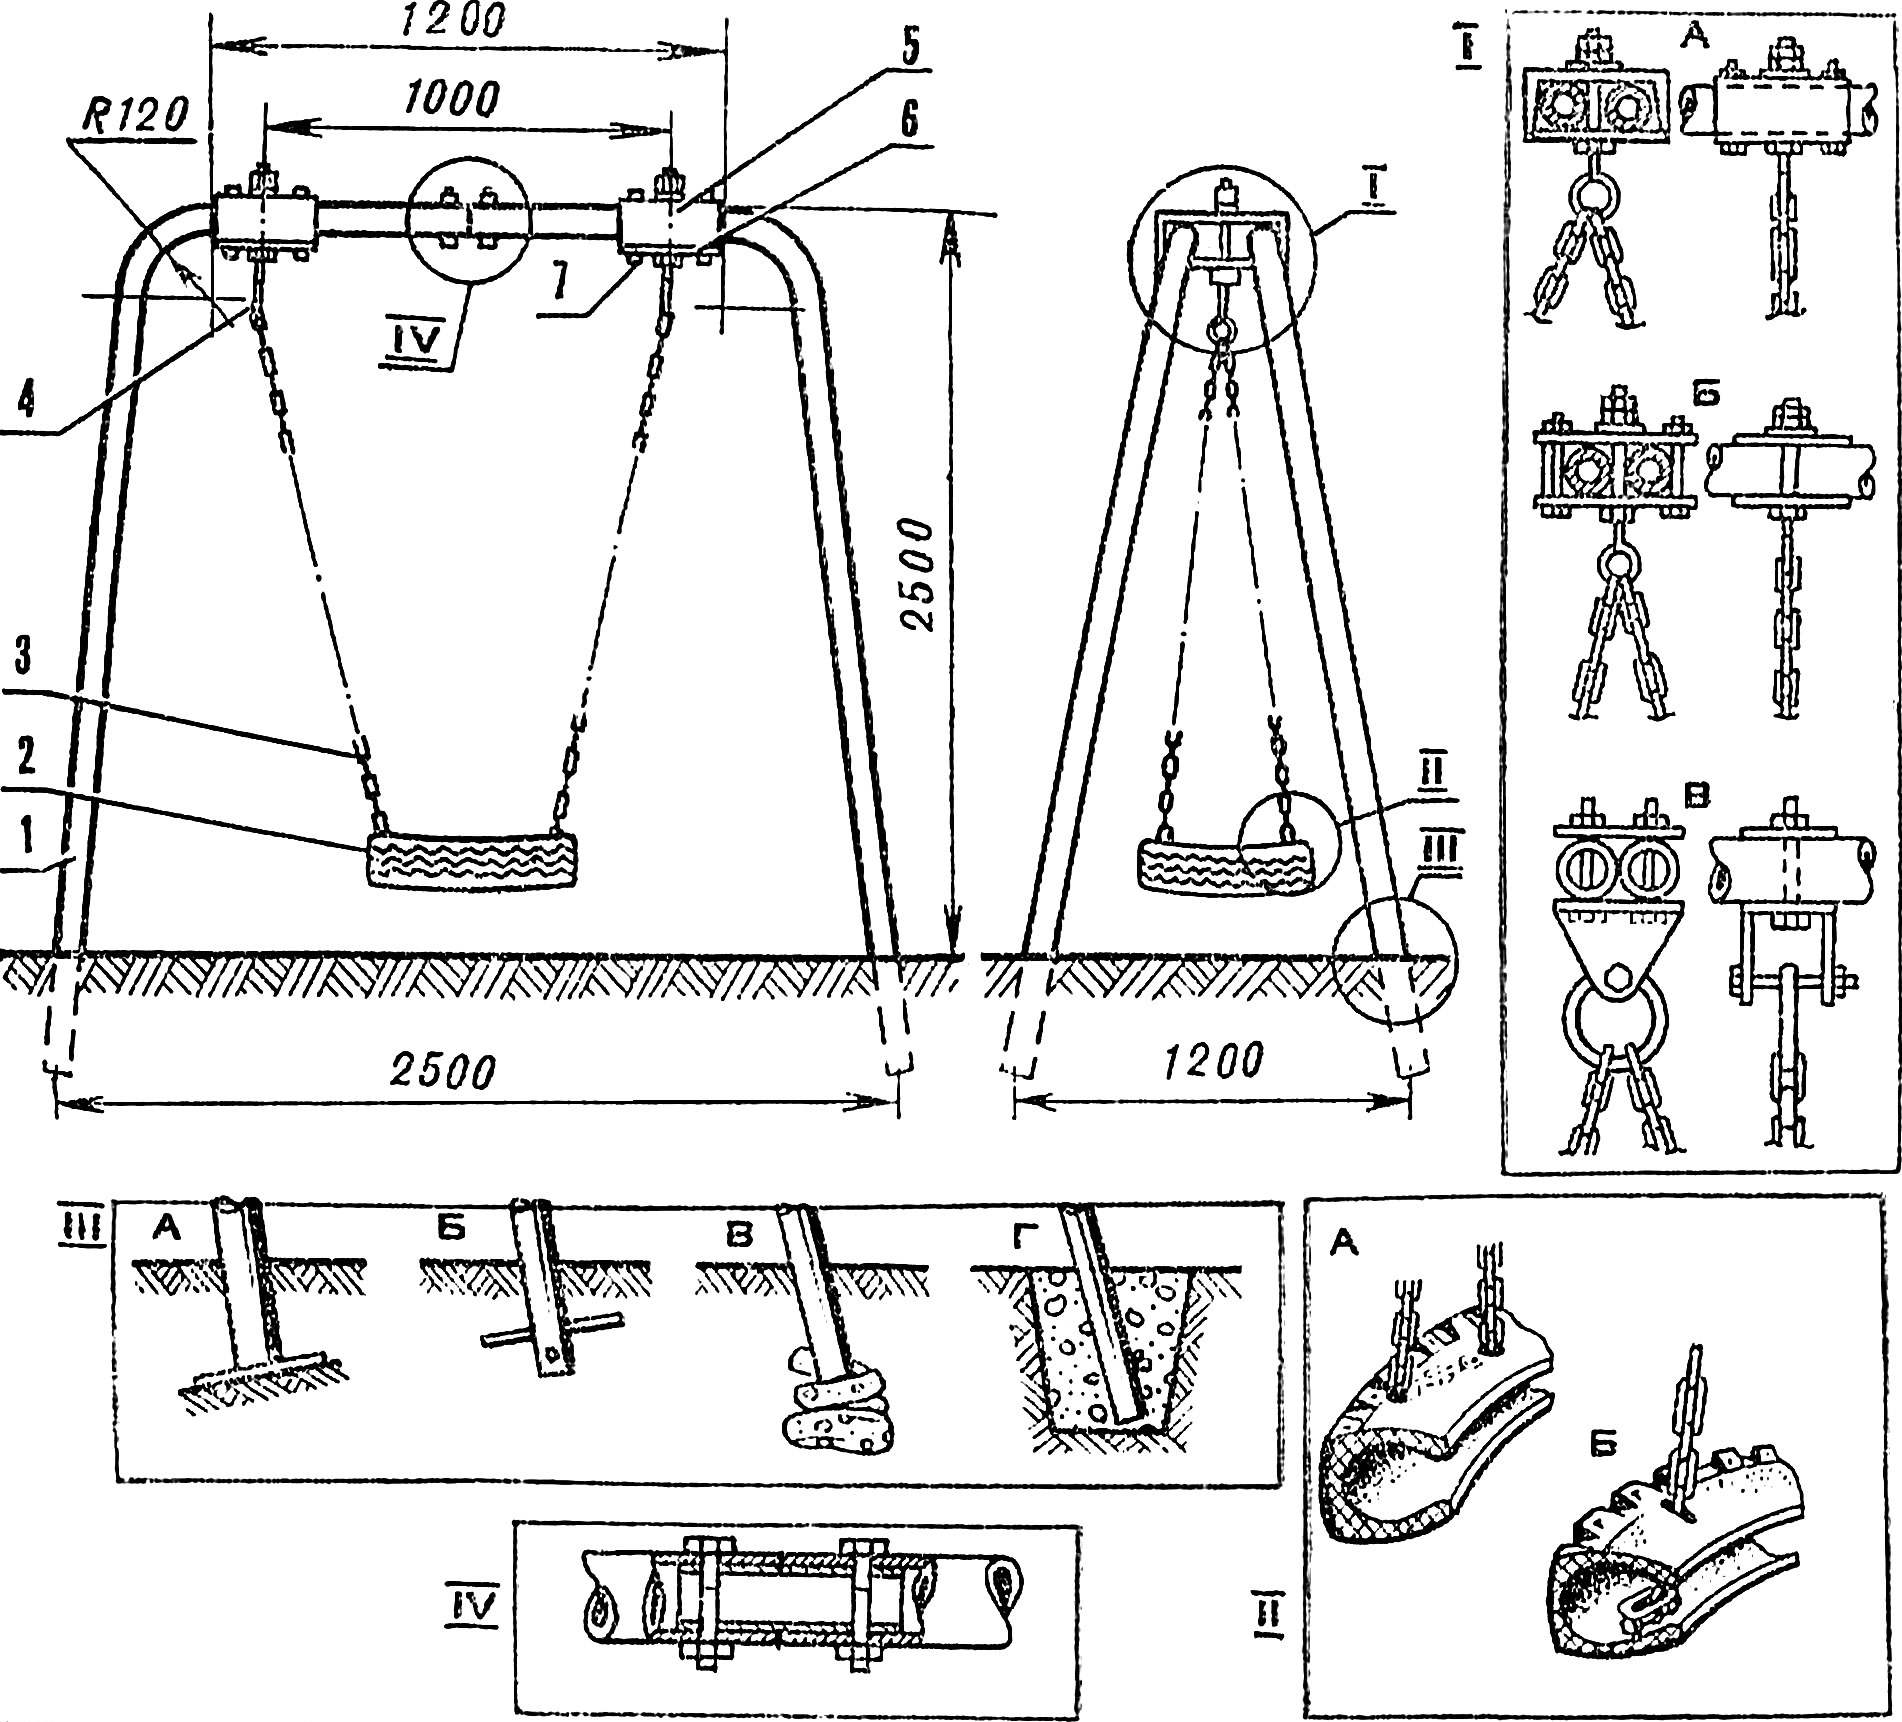 Схема качелей с вариантами изготовления различных узлов.